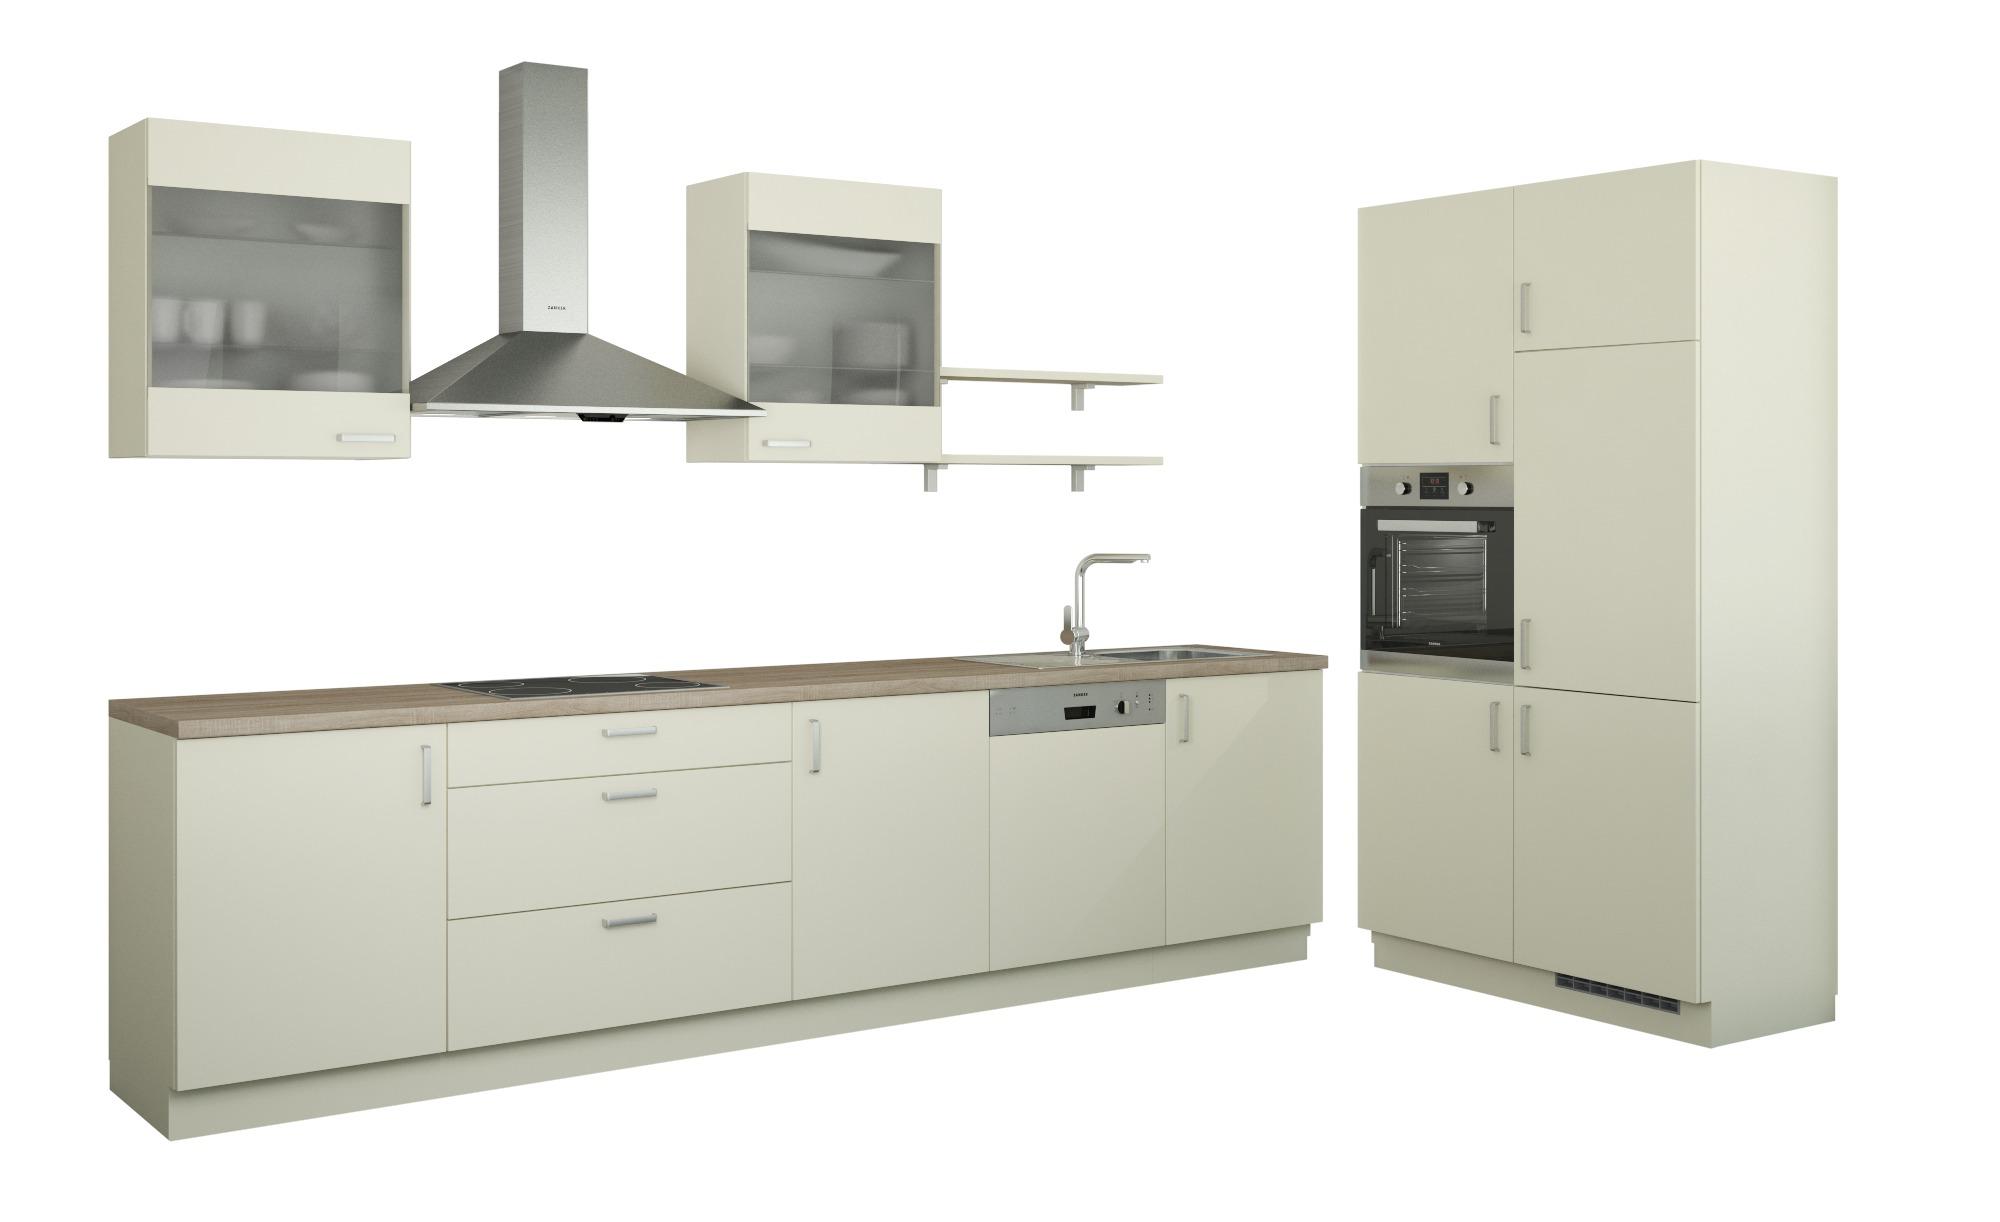 Küchenzeile Ohne Elektrogeräte Frankfurt Magnolia Creme